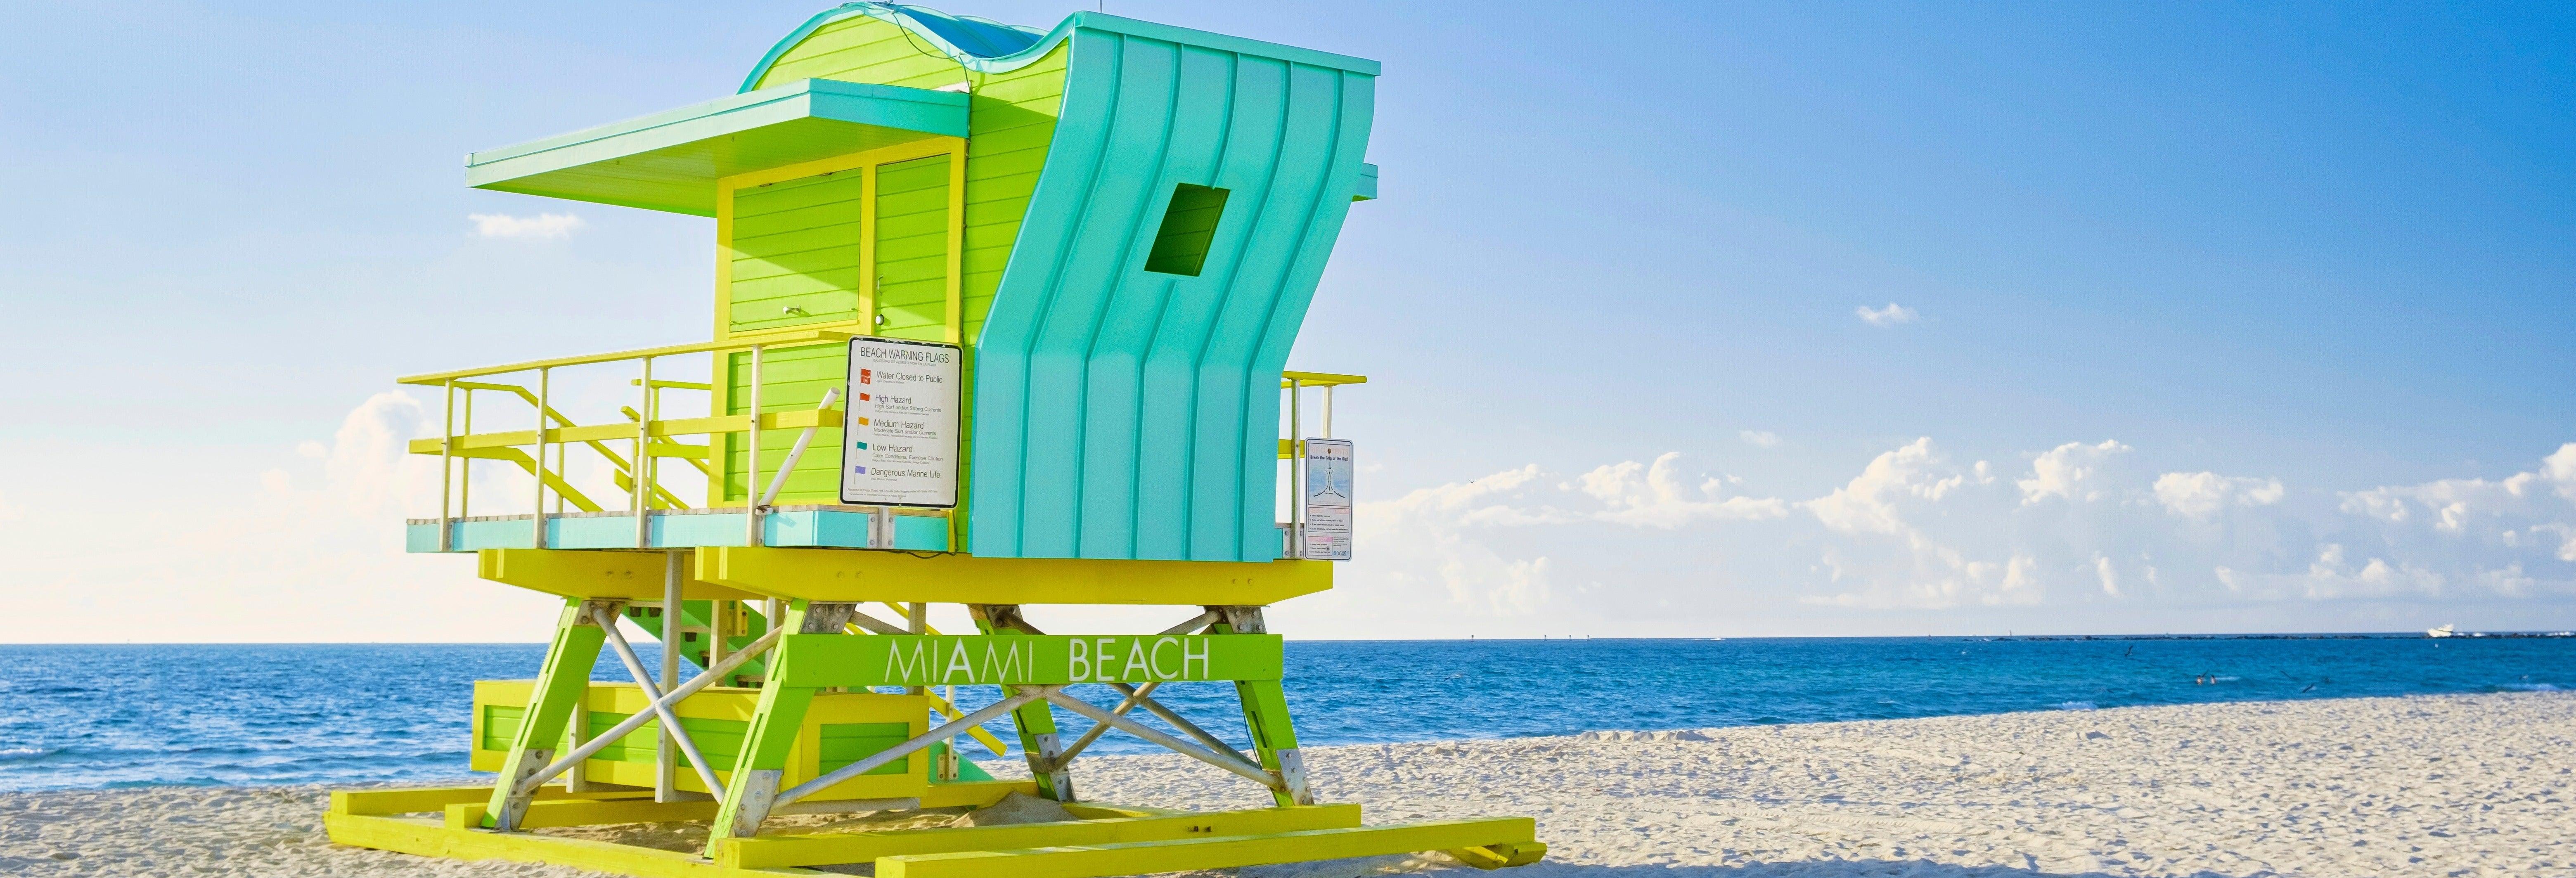 Excursión a Miami